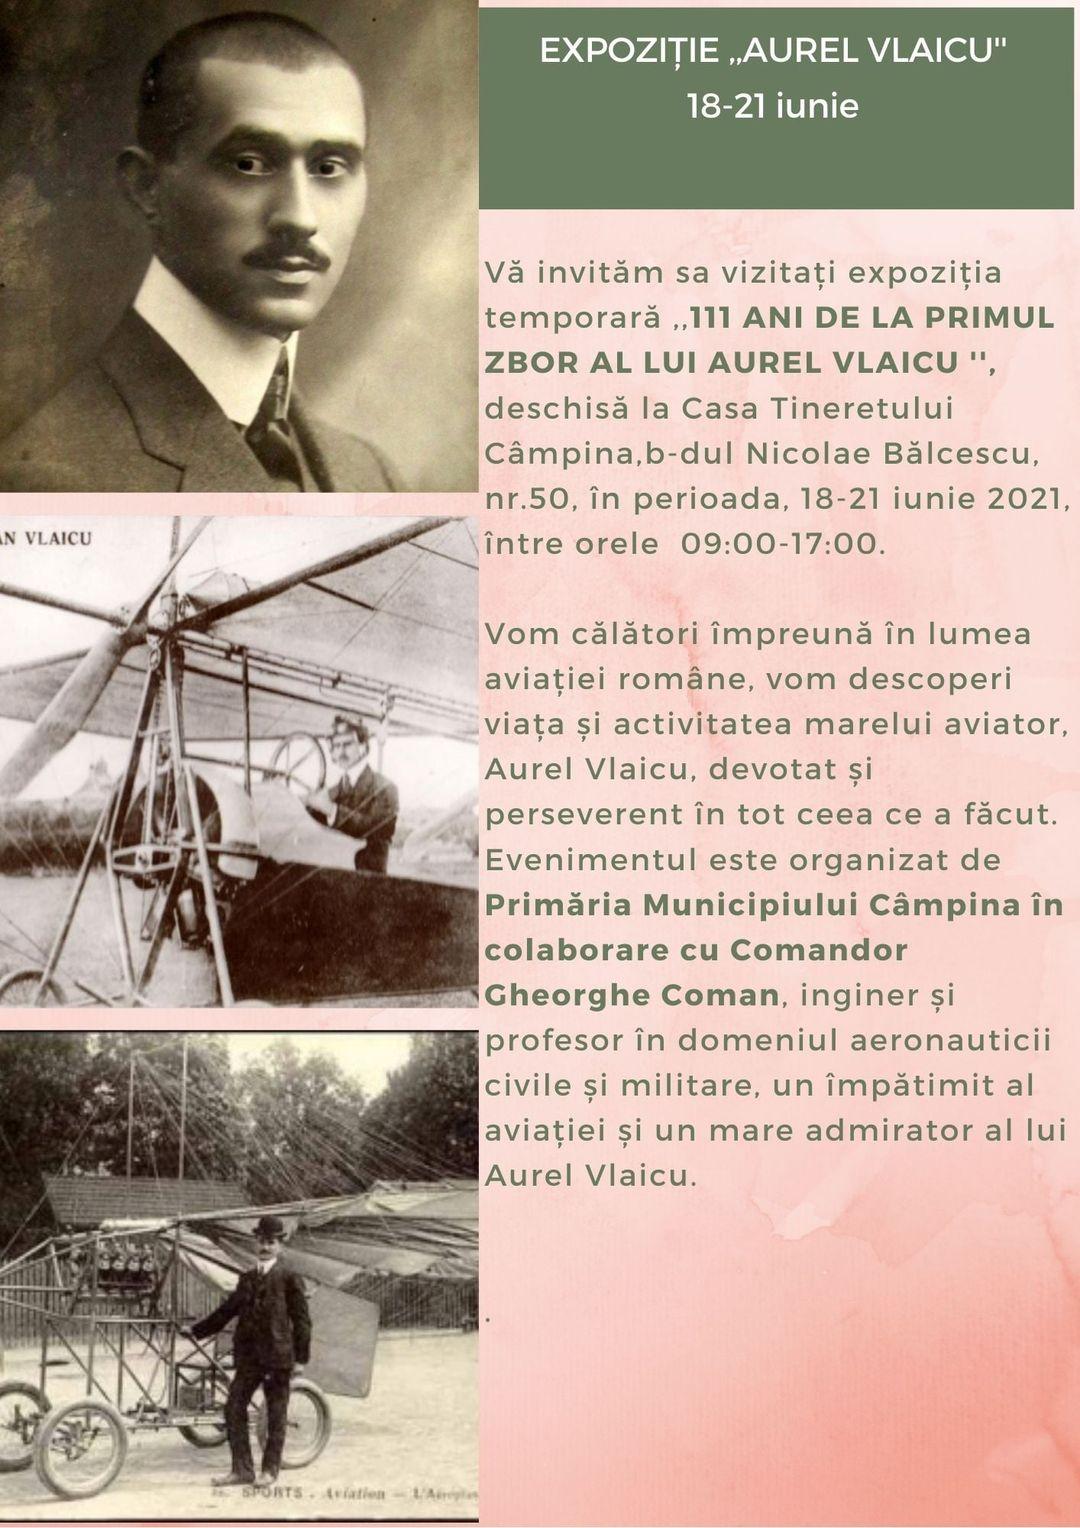 111 ani de la primul zbor al lui aurel vlaicu o expozitie inedita la campina